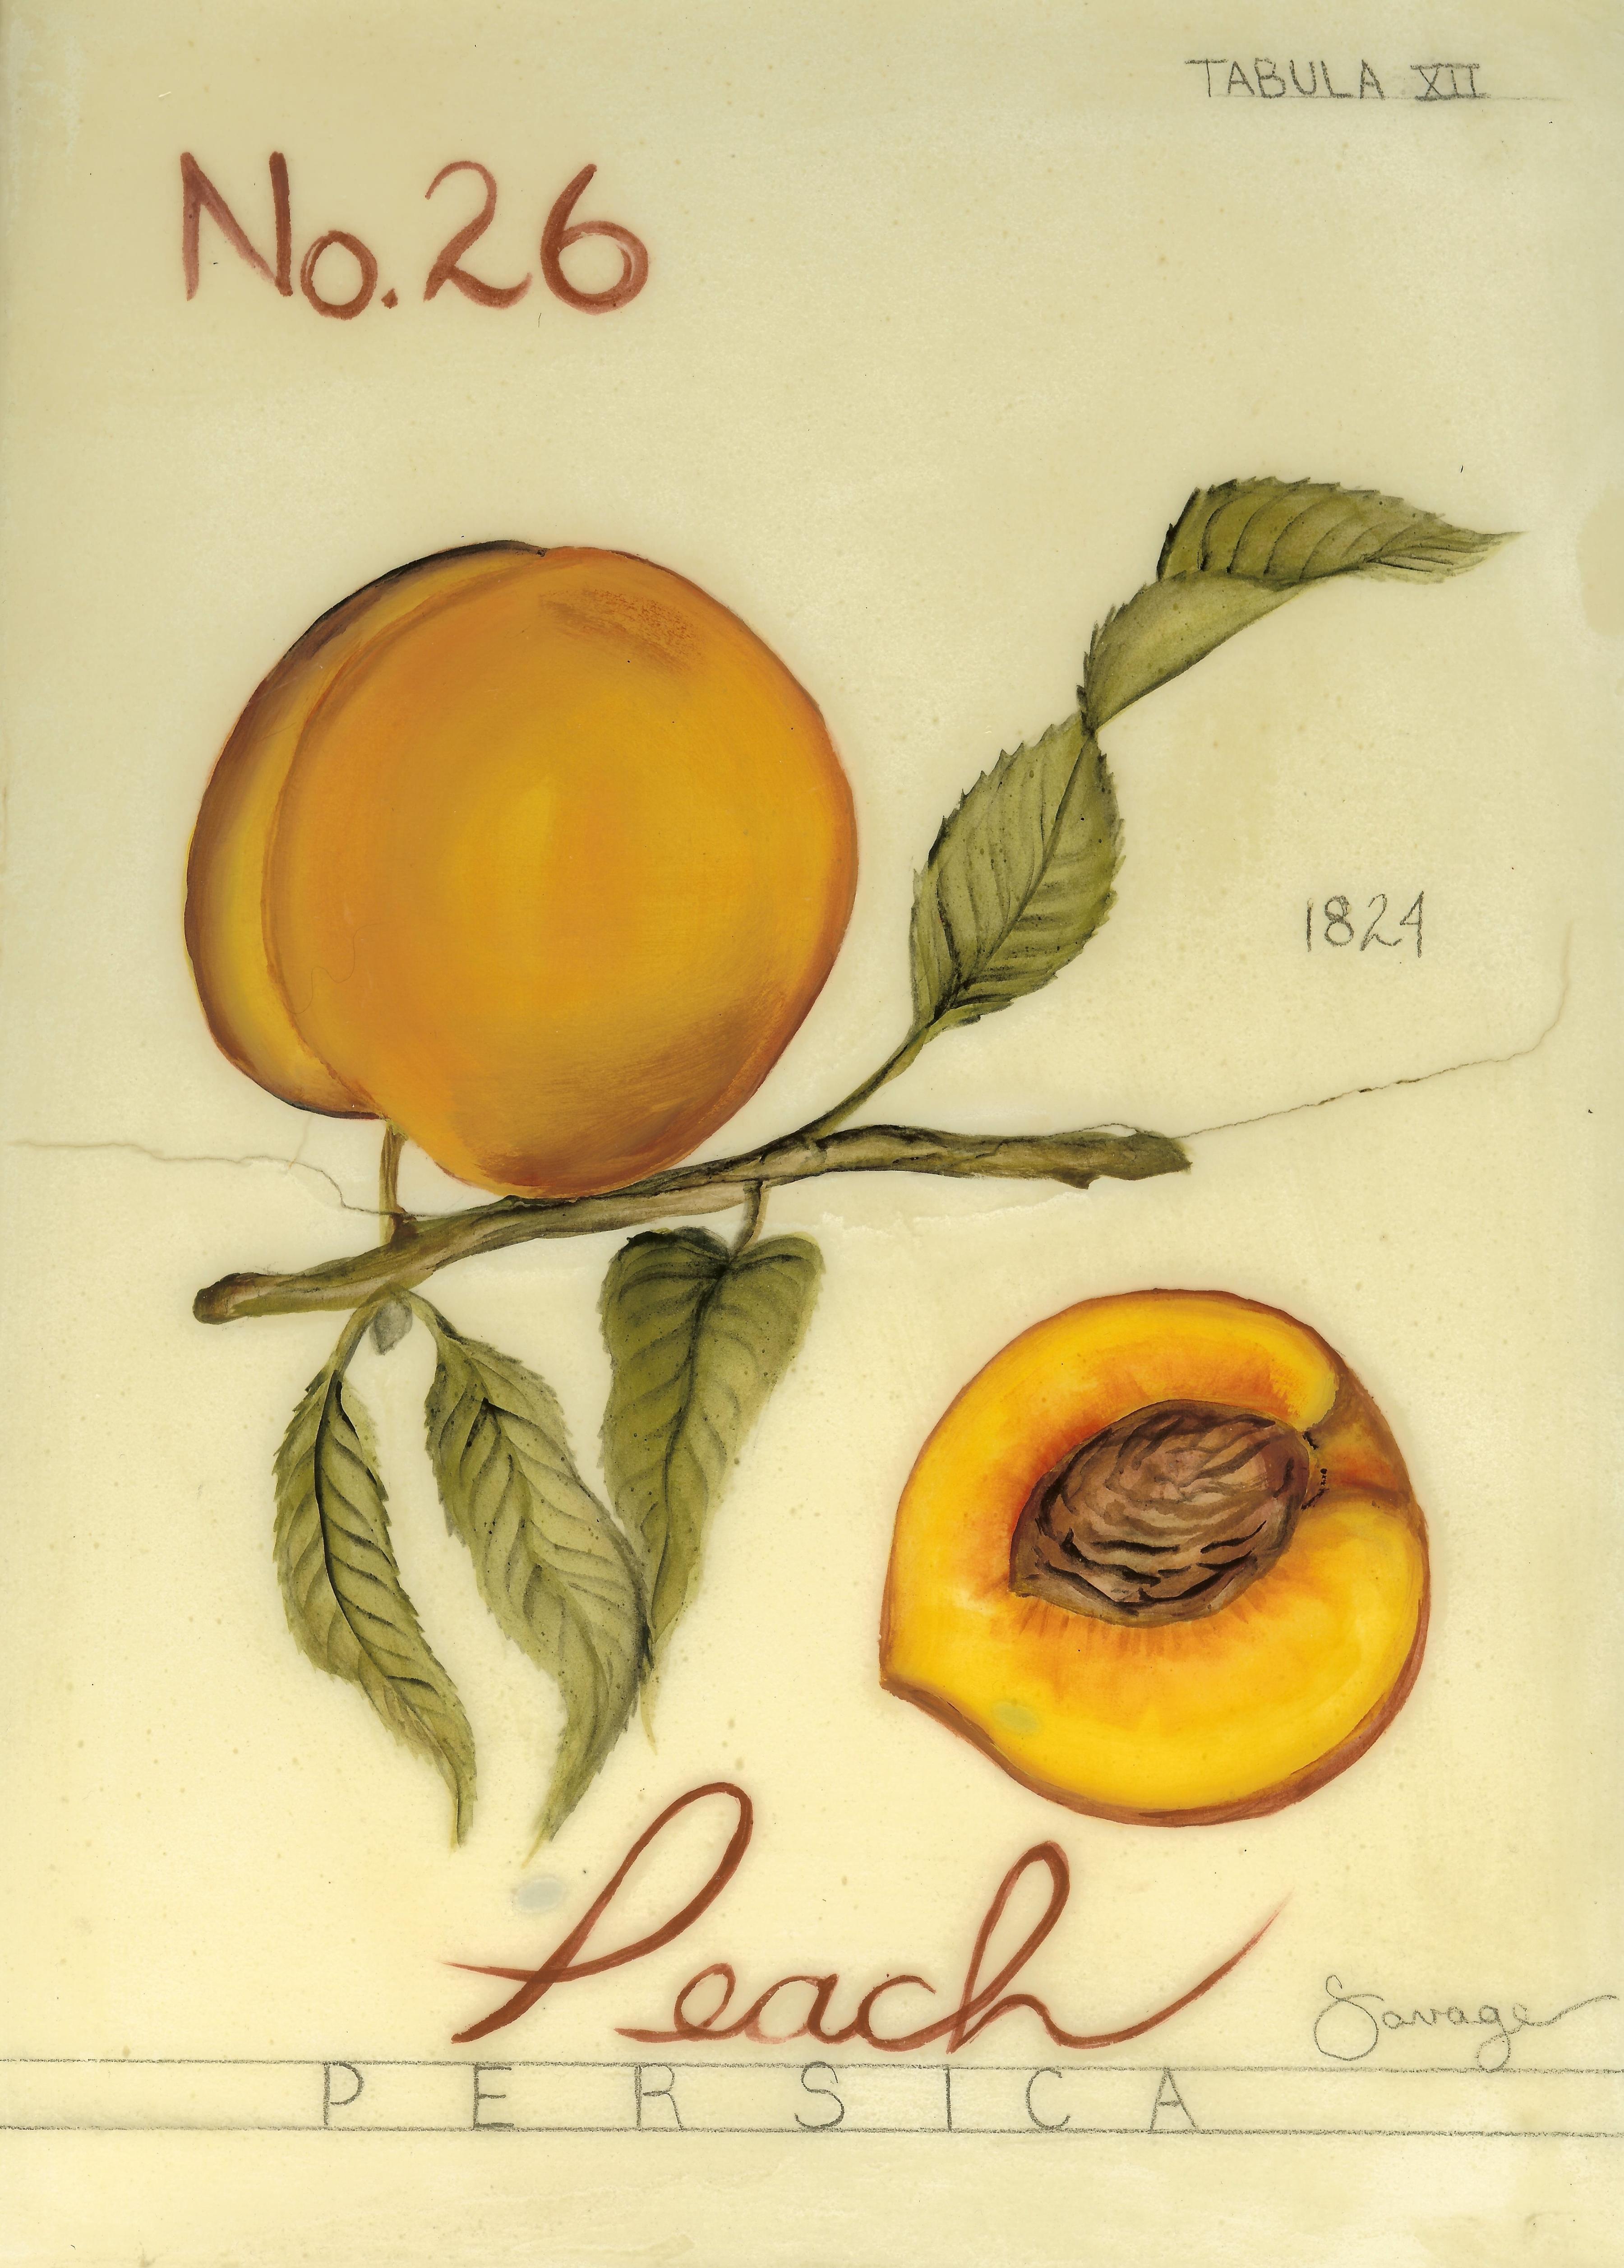 No. 26 Peach